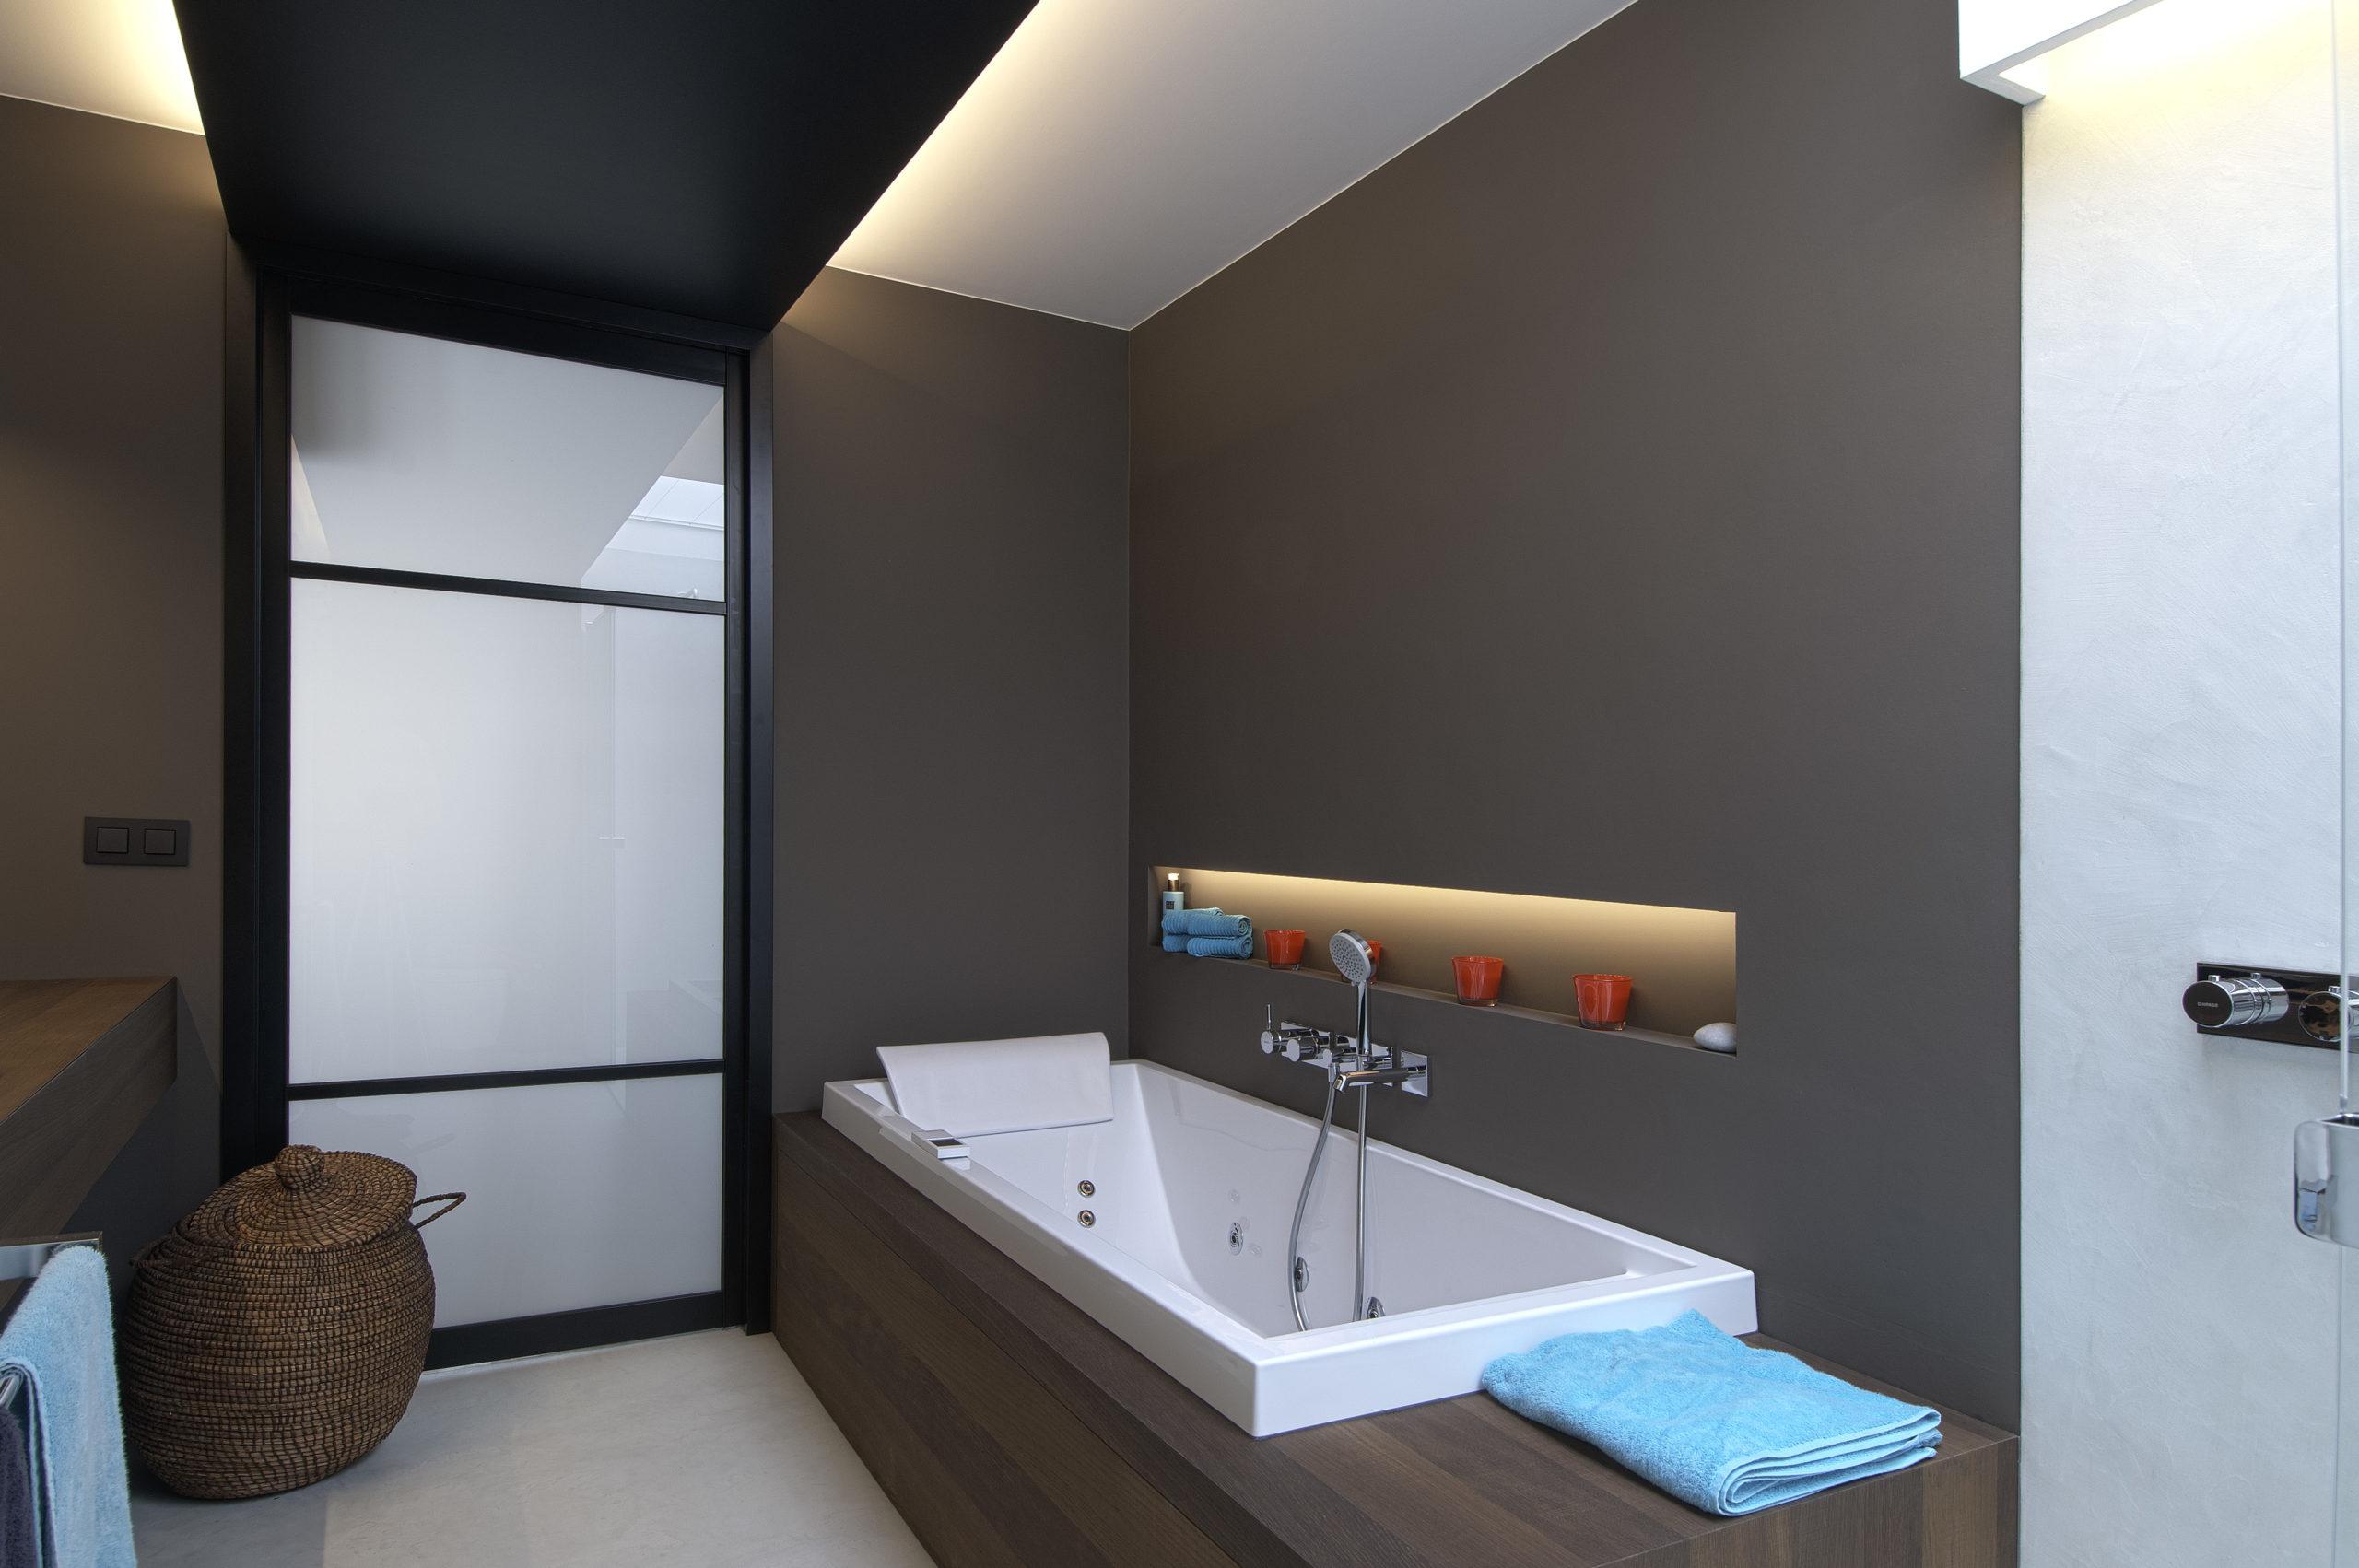 Salle de bain mortex et bois